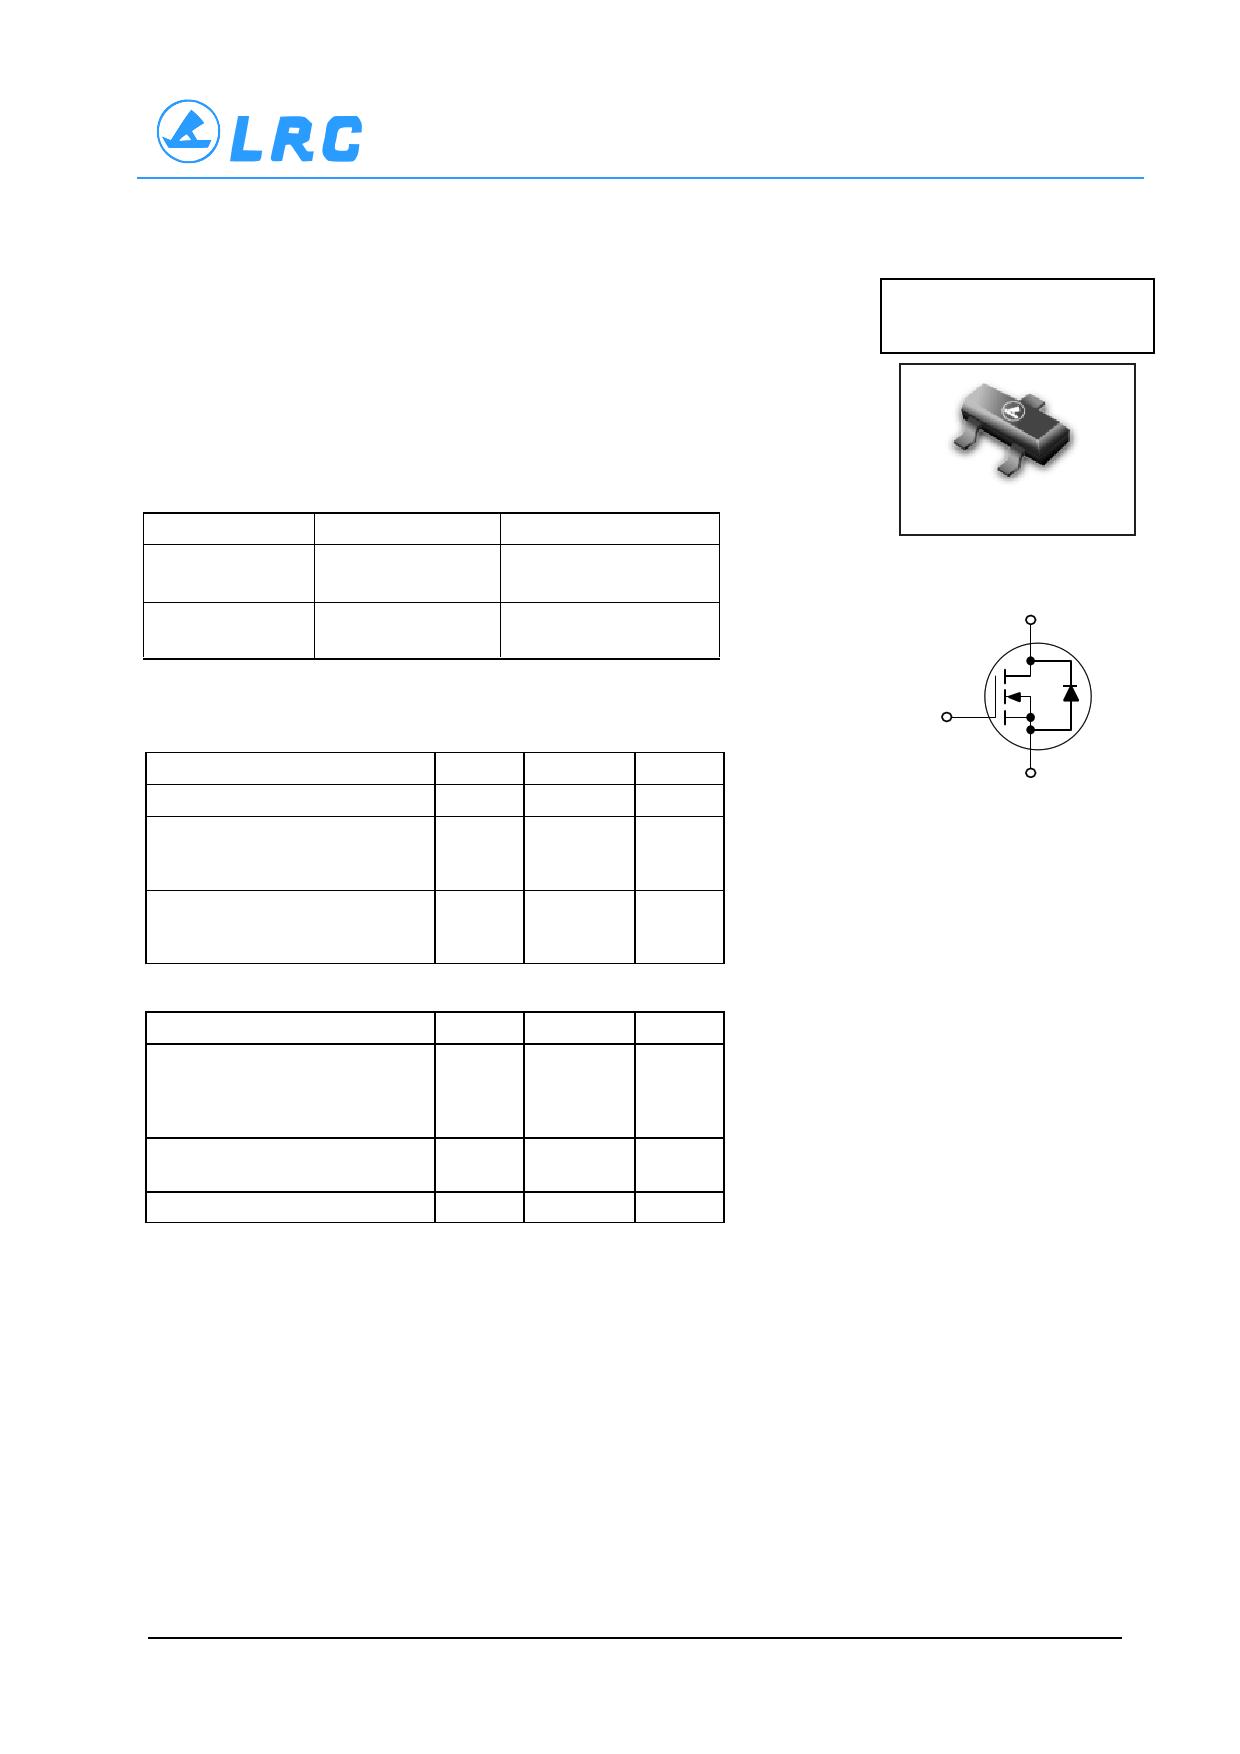 LBSS123LT1G datasheet